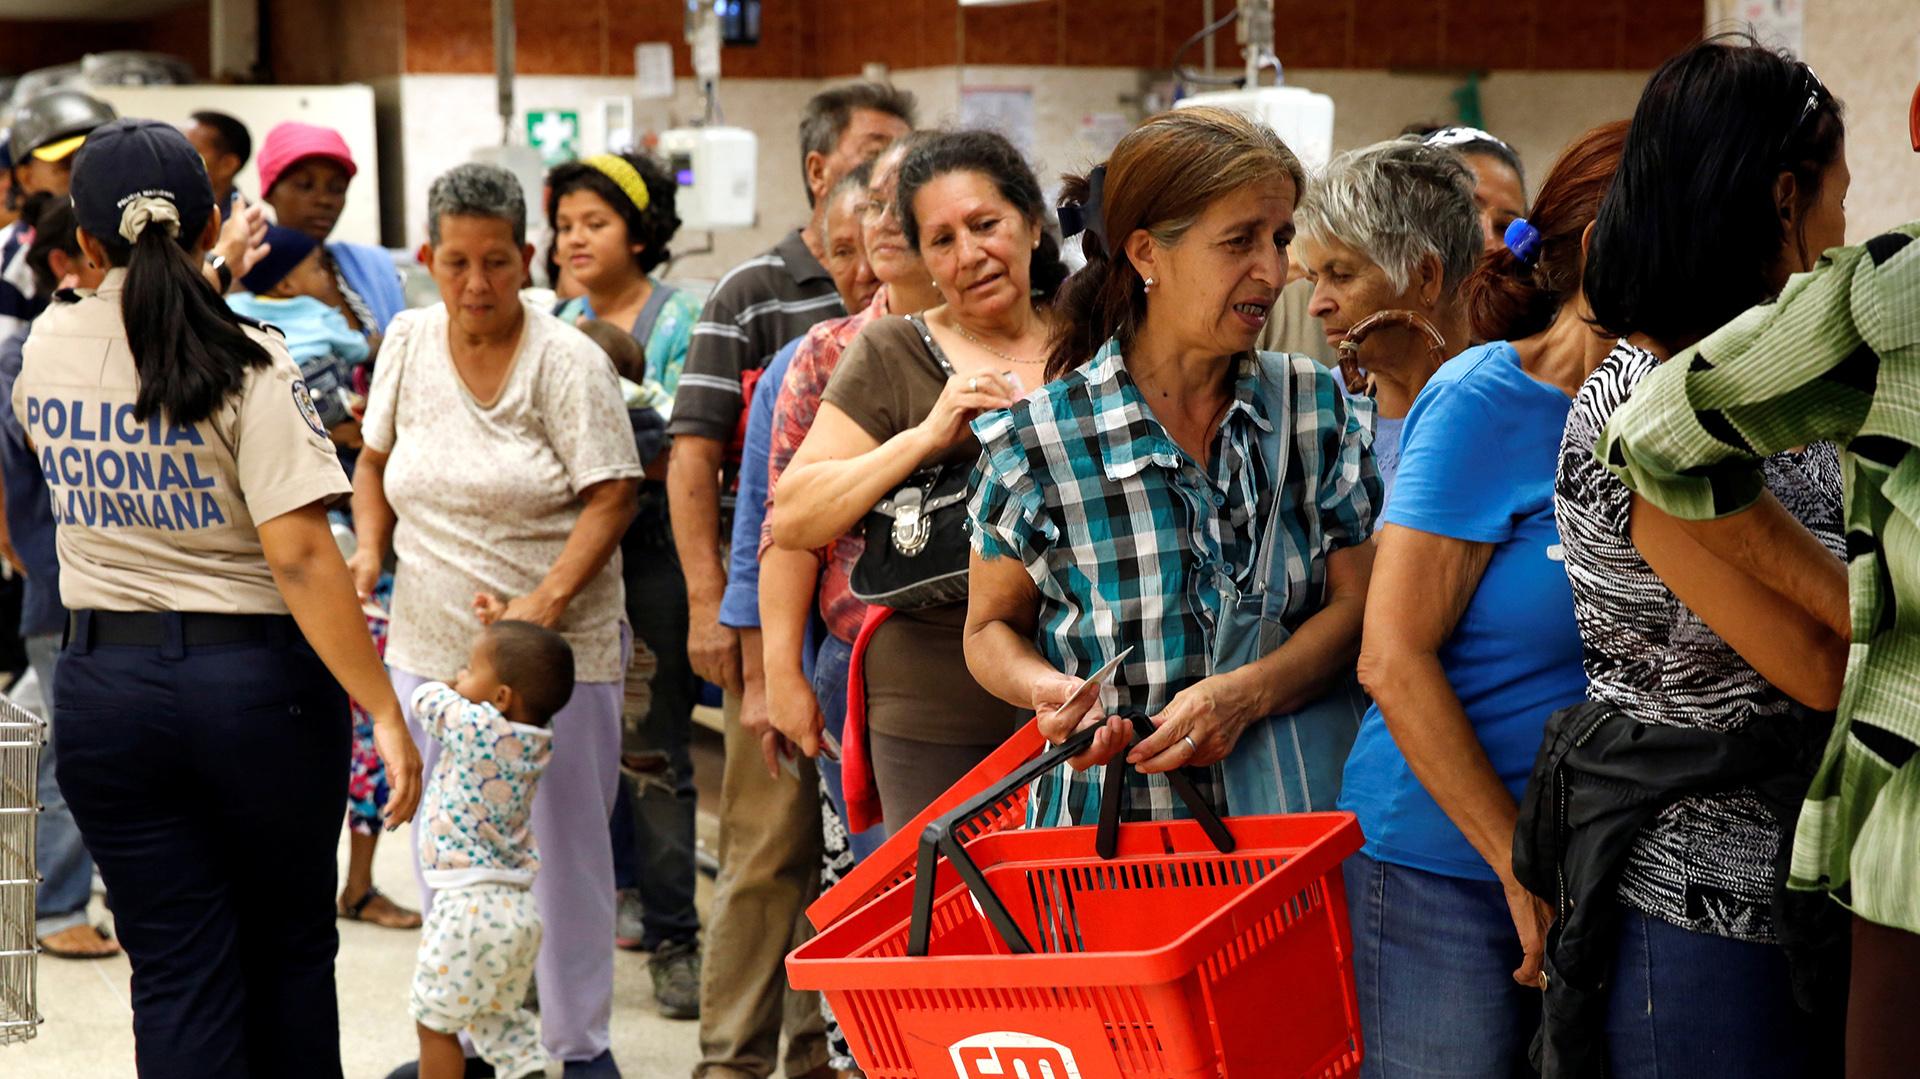 La firma Econométrica afirmó en varias oportunidades que la economía venezolana está cerca de agotar completamente su inventario de productos (Reuters)